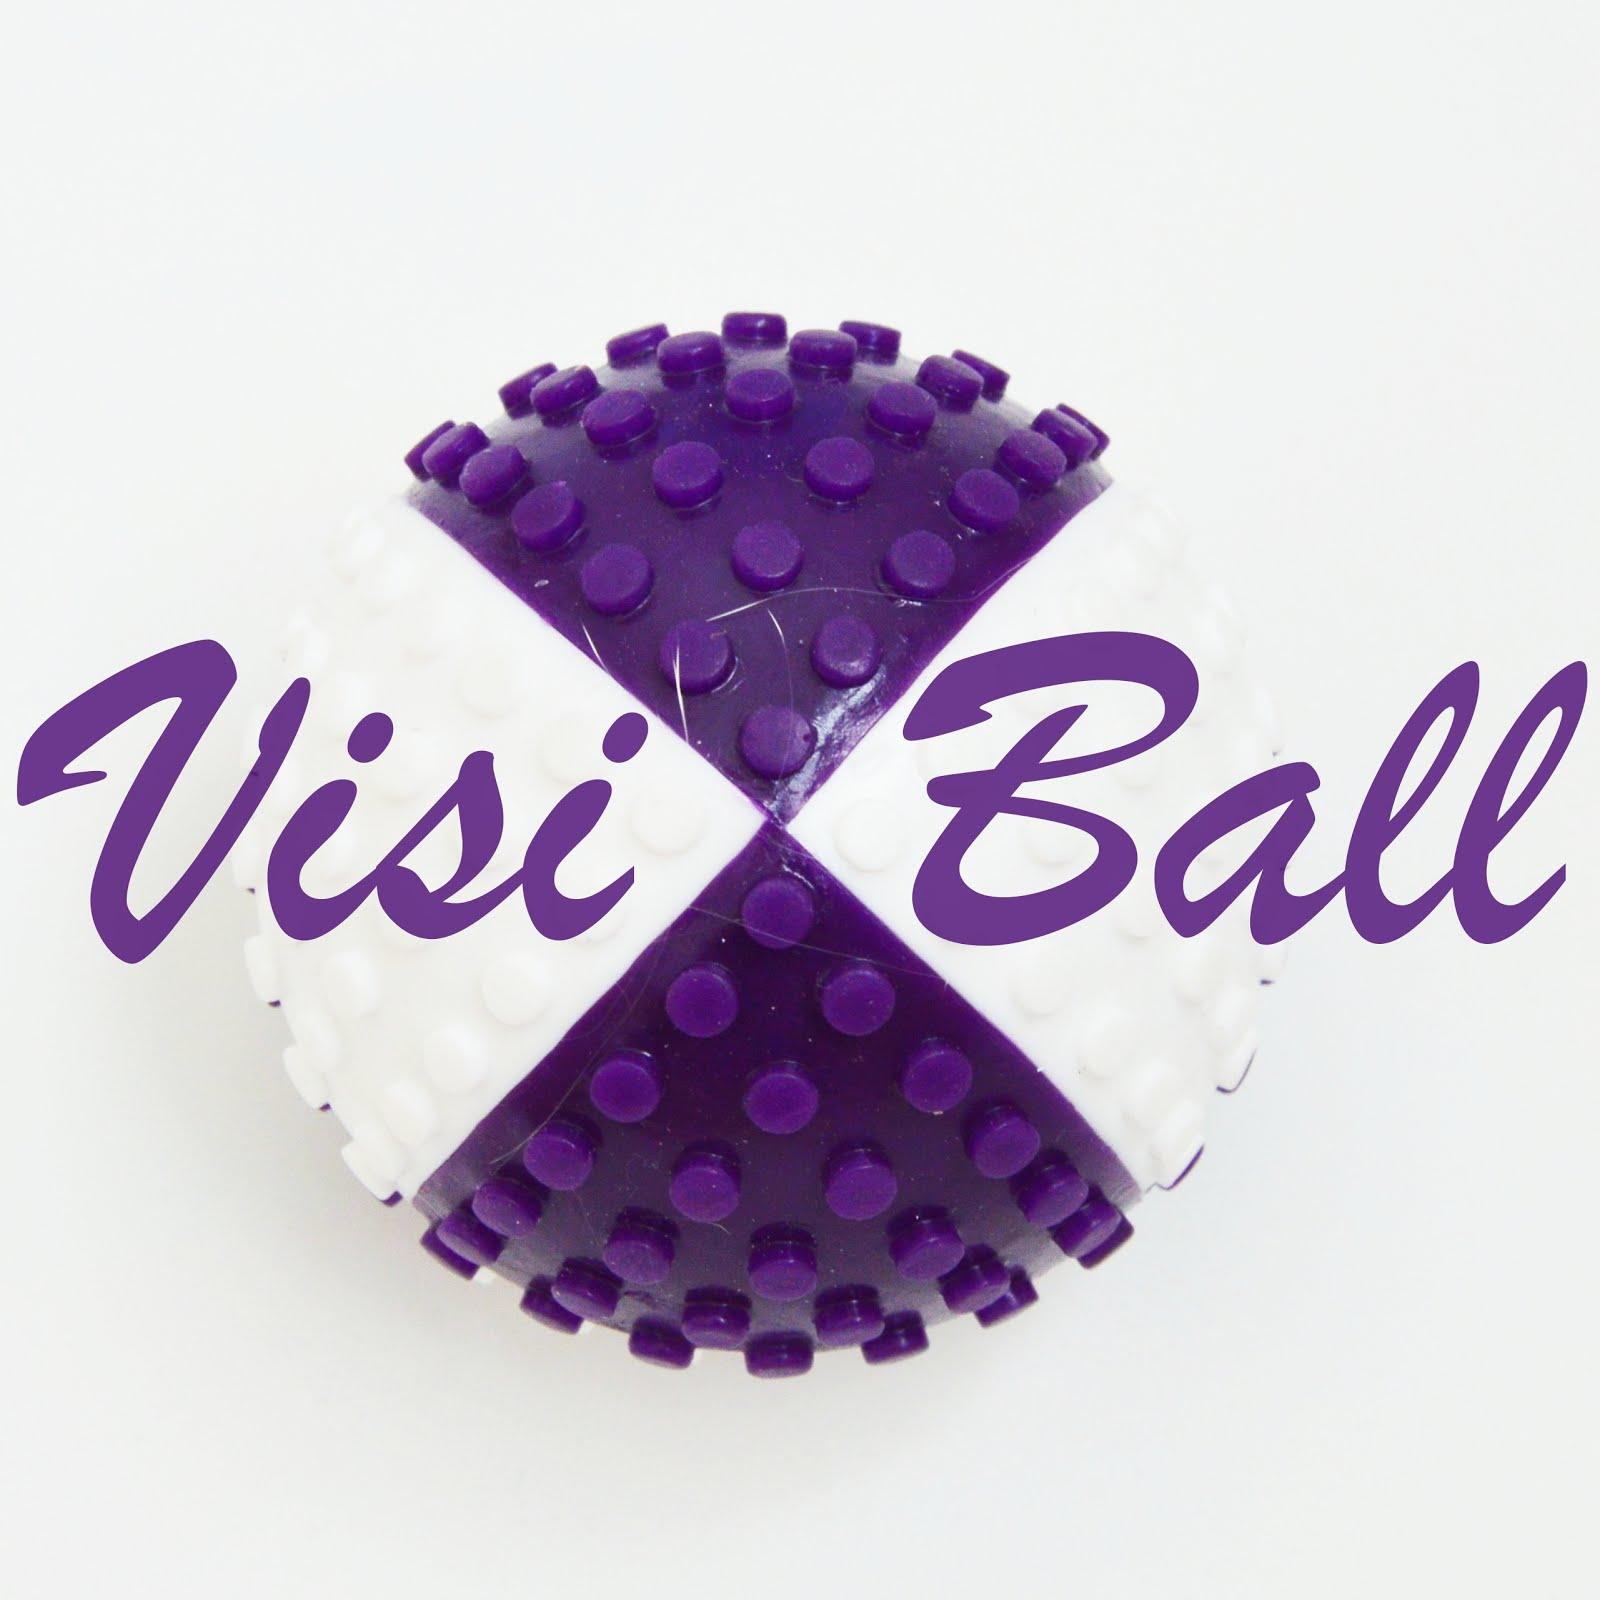 Visi Ball